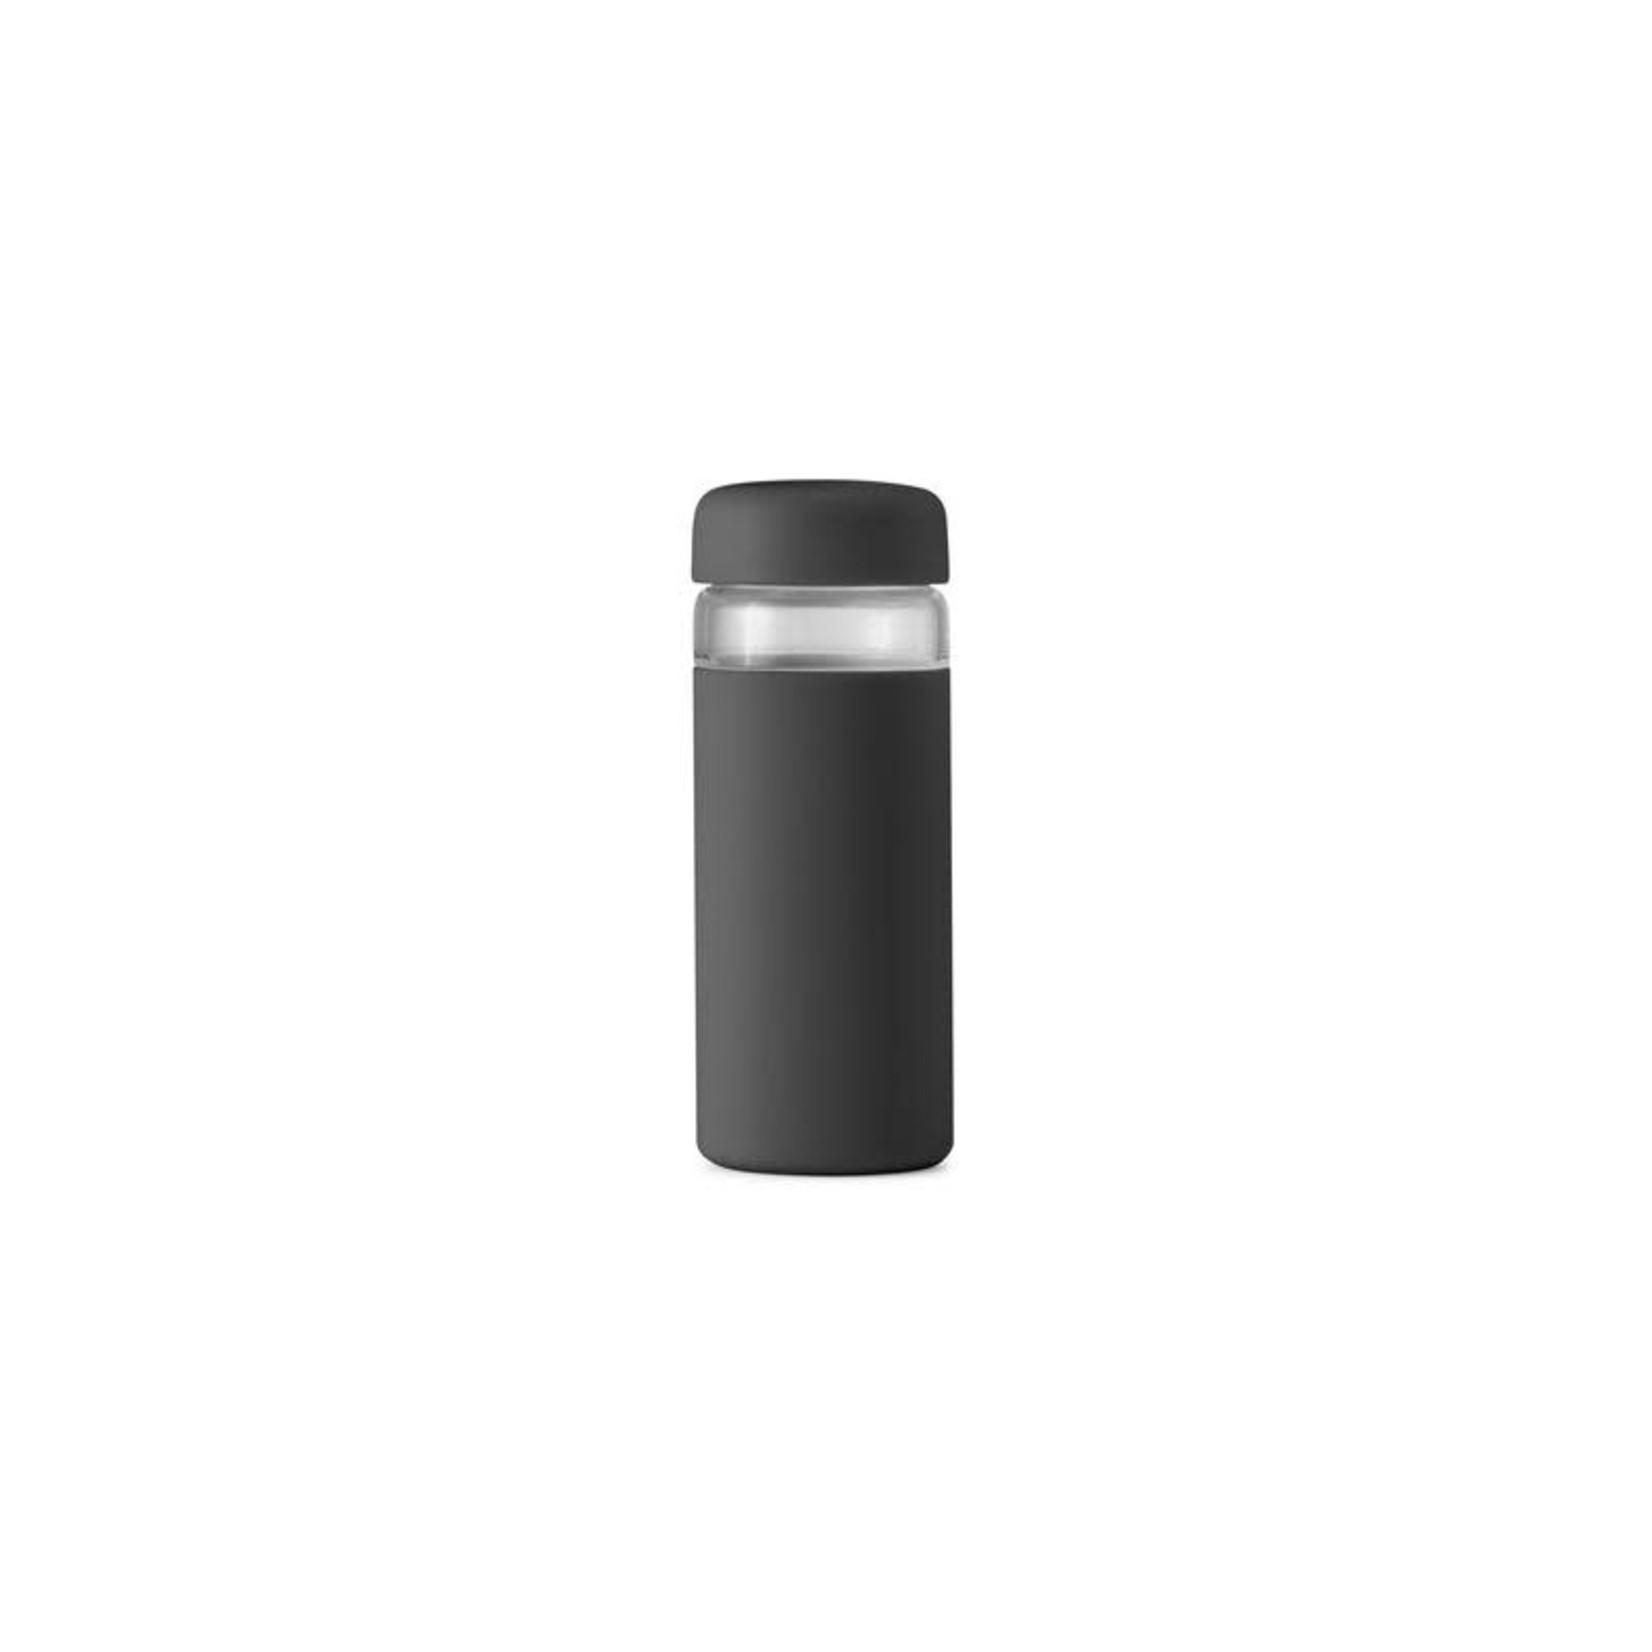 Porter Bouteille PORTER large ouverture - noir